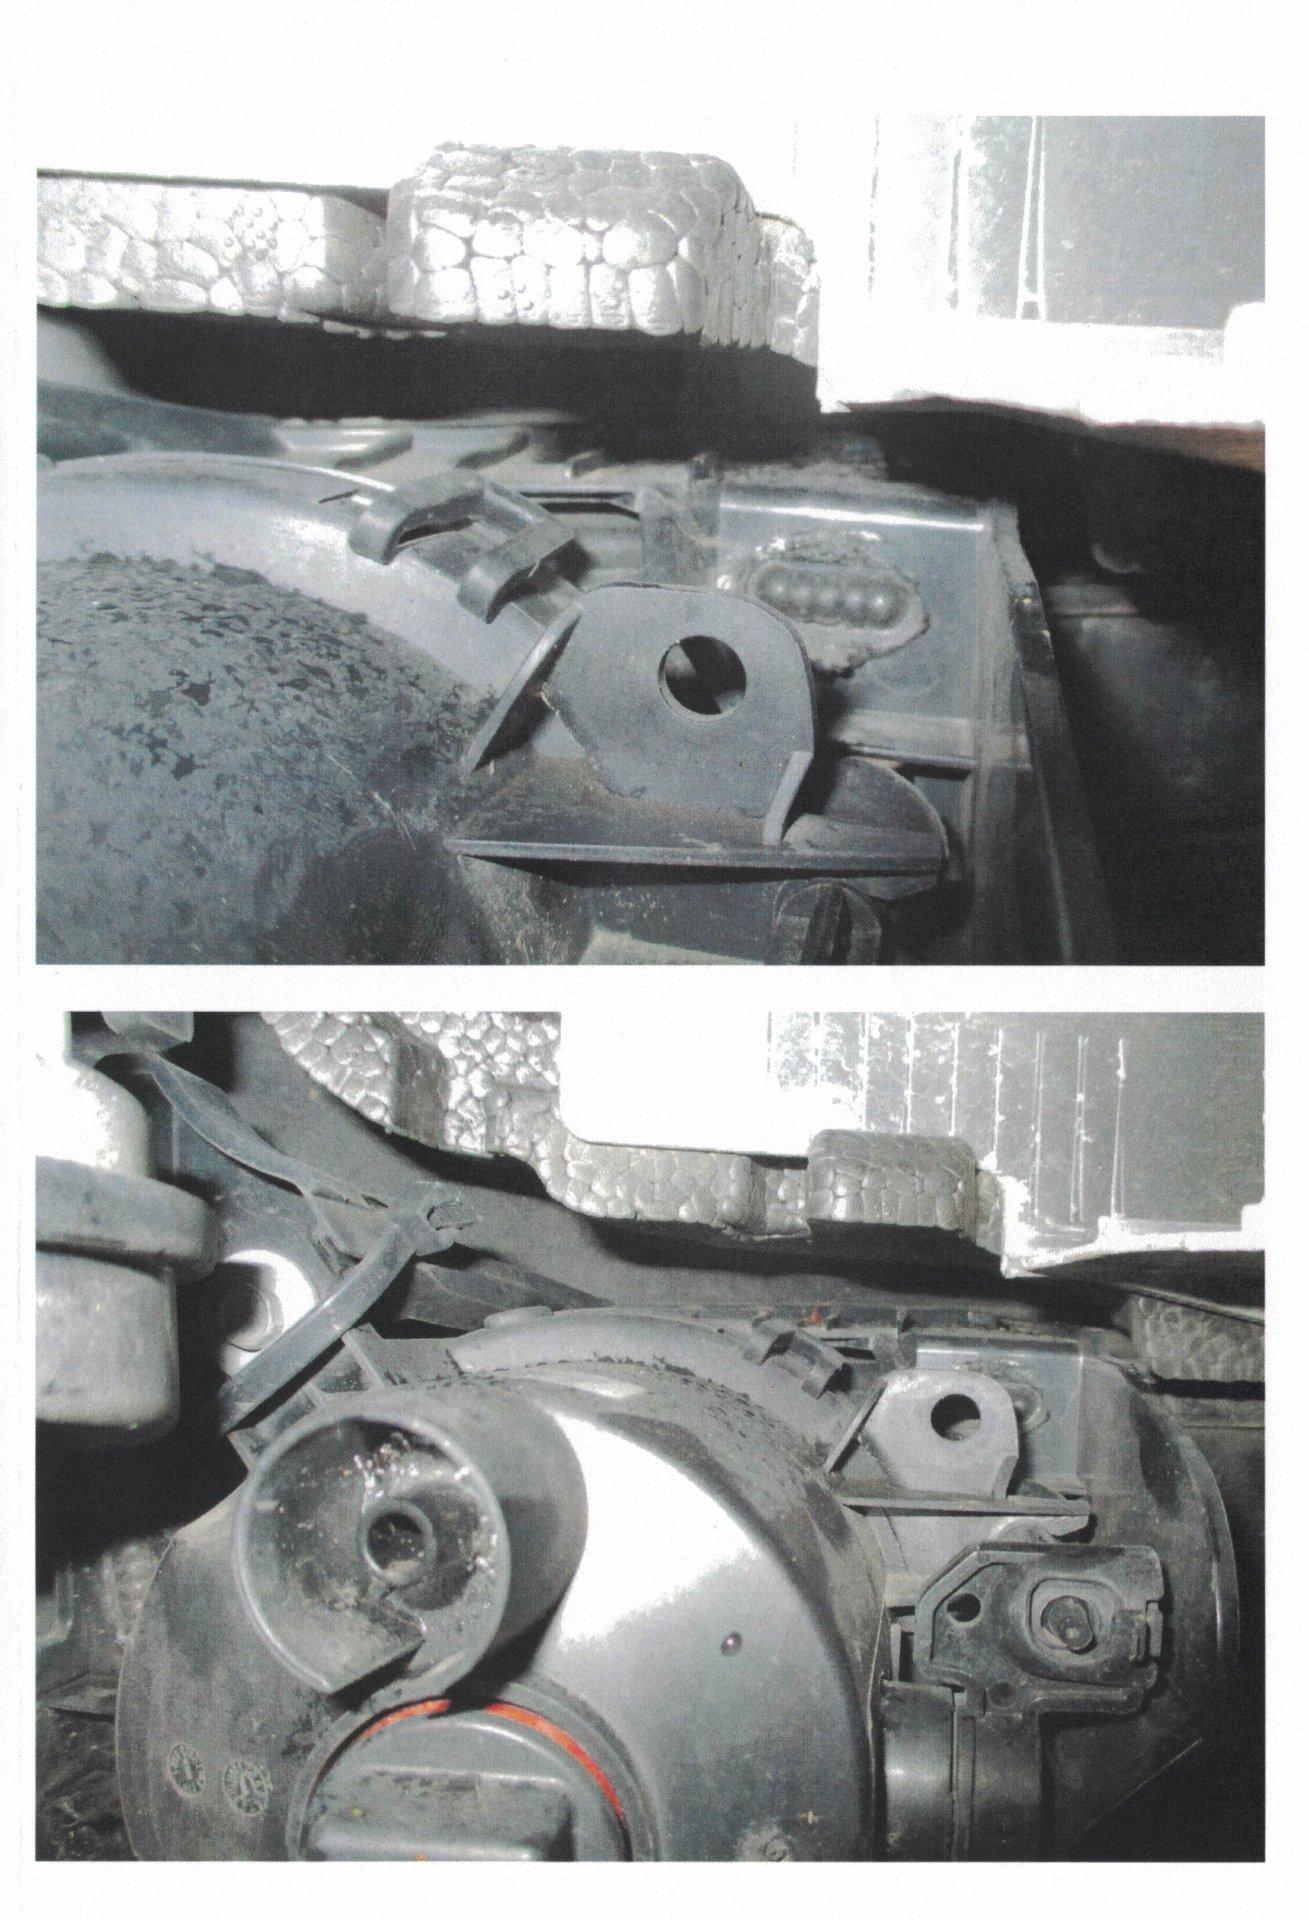 BMWF20 gebrochene Halterung NSW06012016.jpg